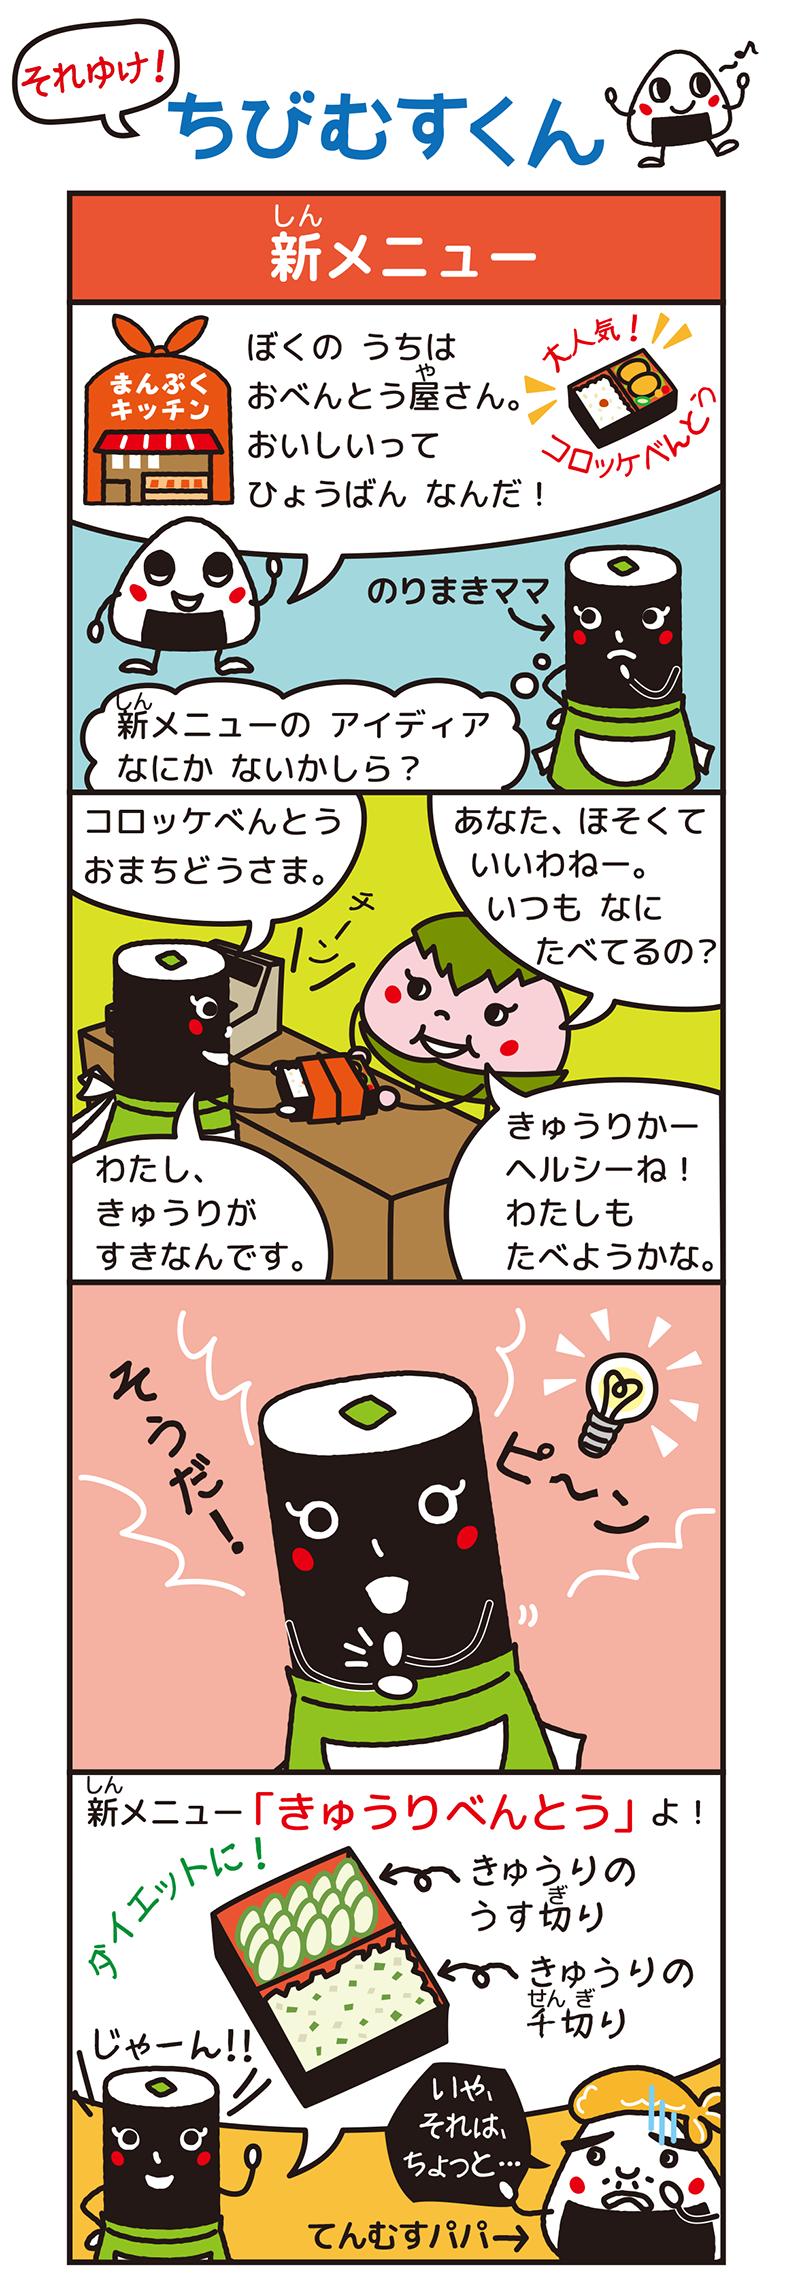 manga02-shin_menu-800px.png